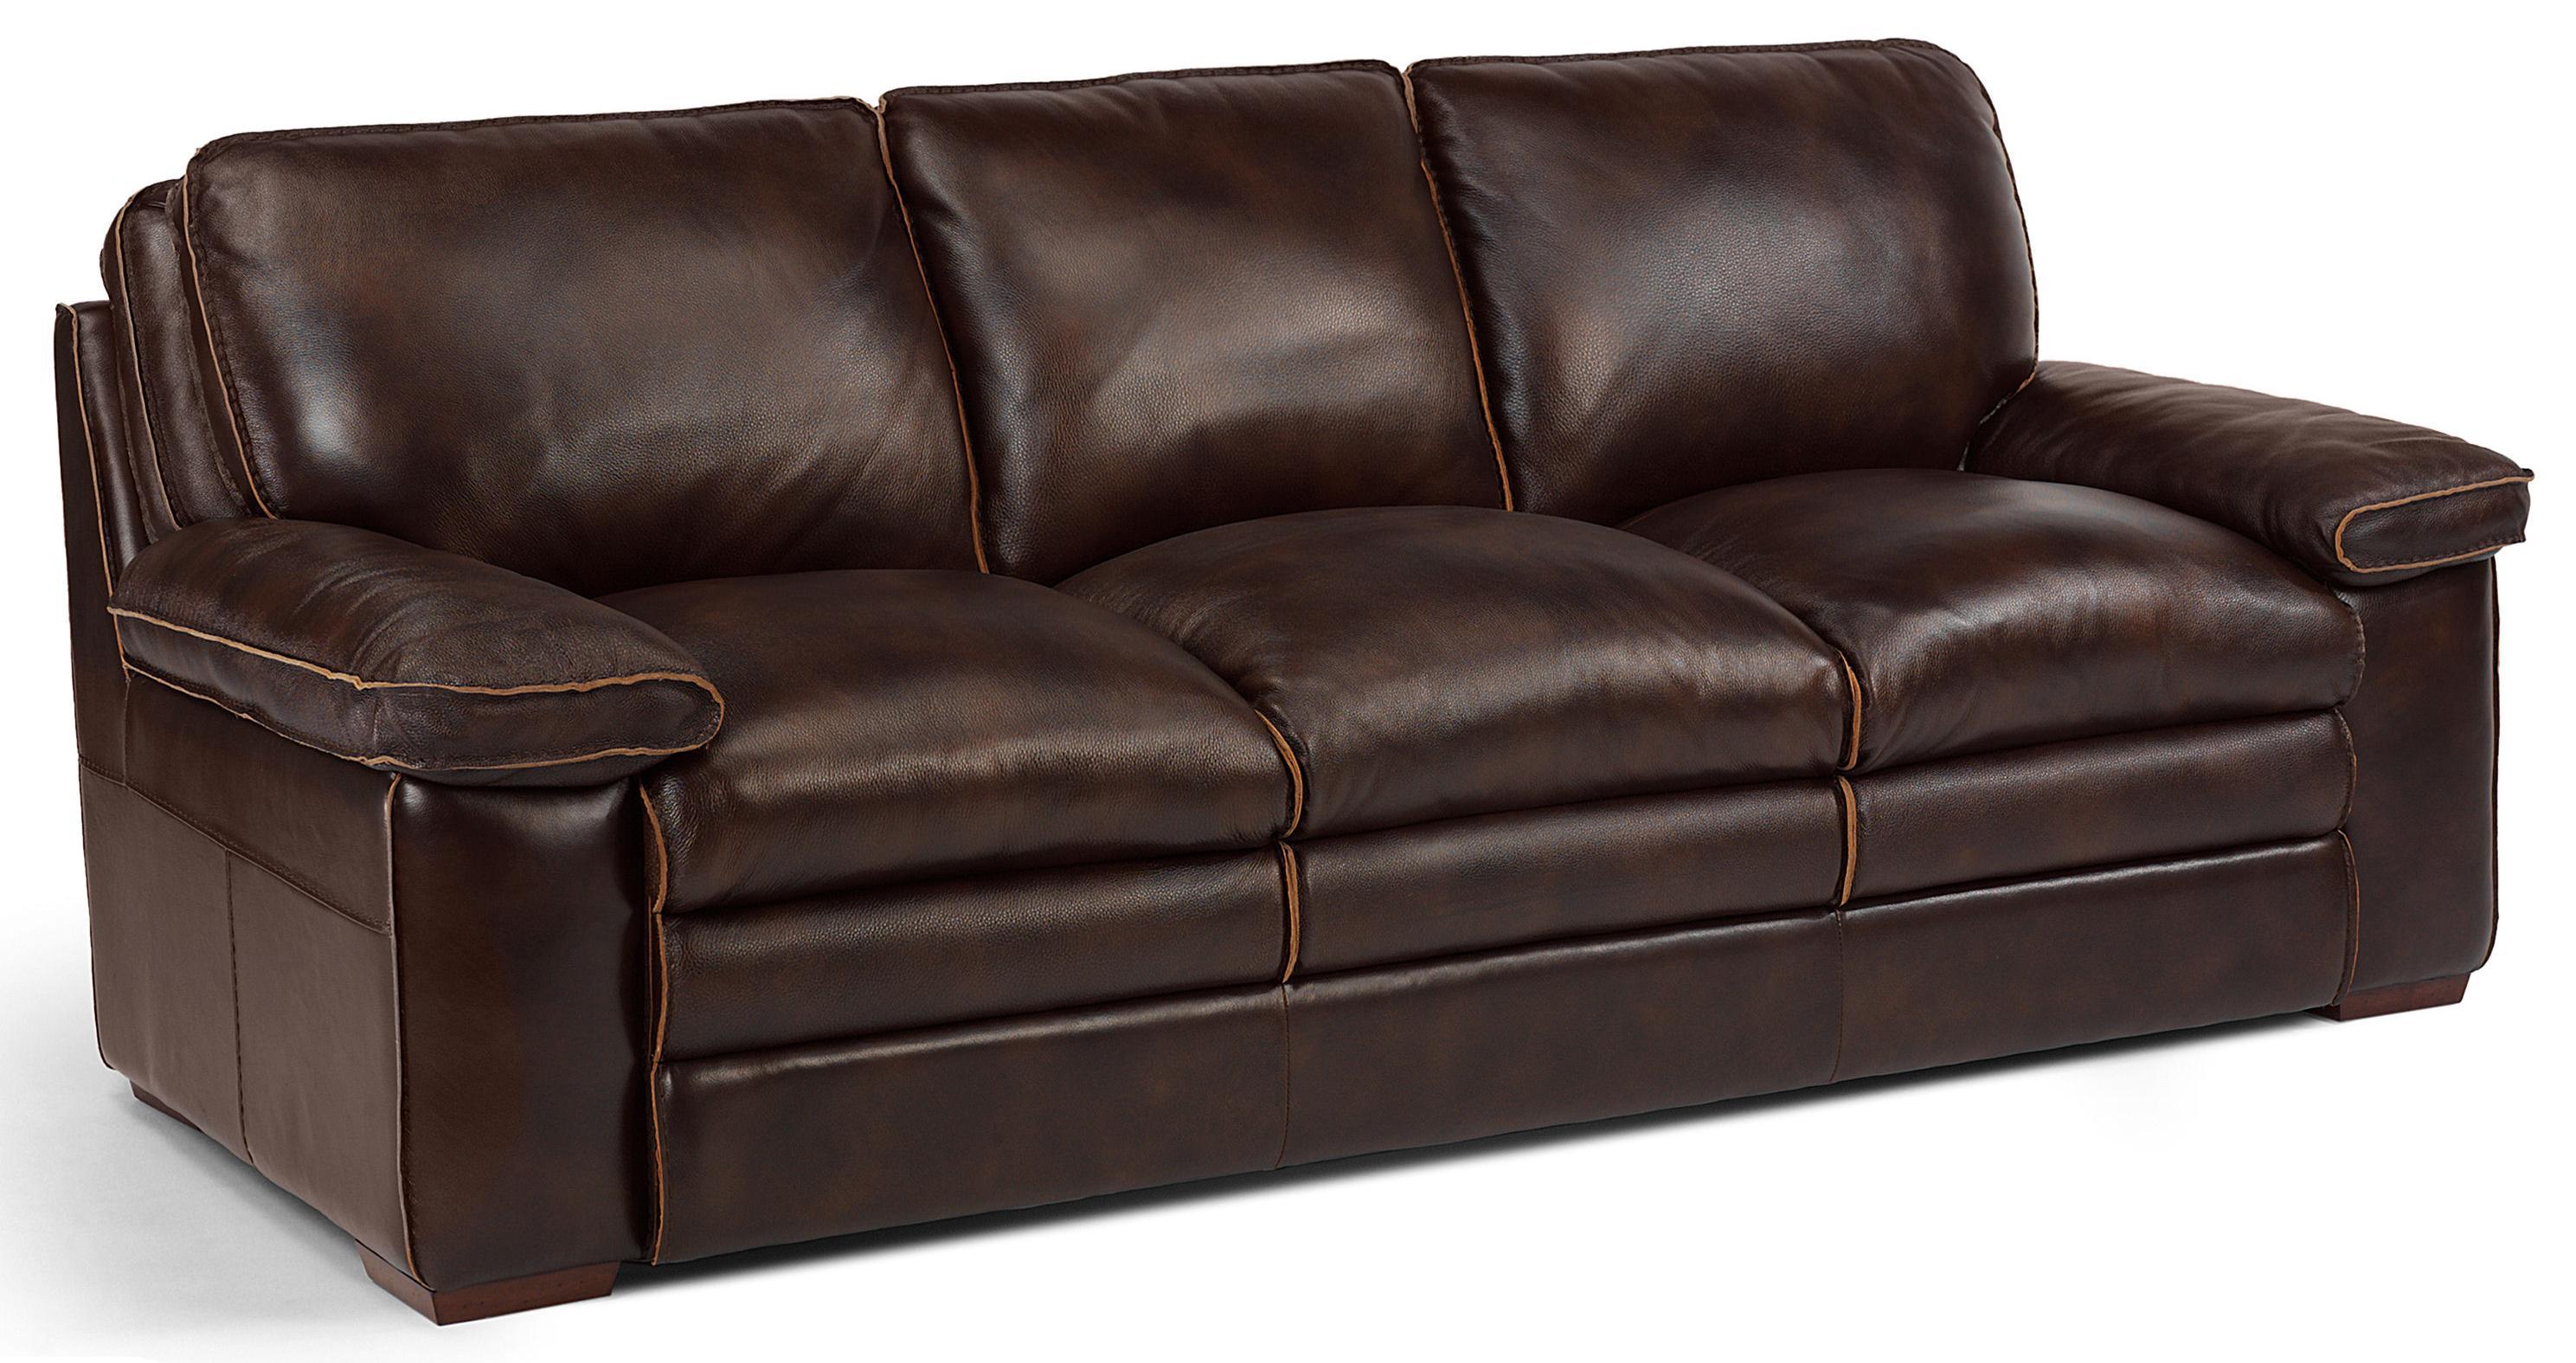 Flexsteel Latitudes Penthouse 1774 31 Casual Sofa With